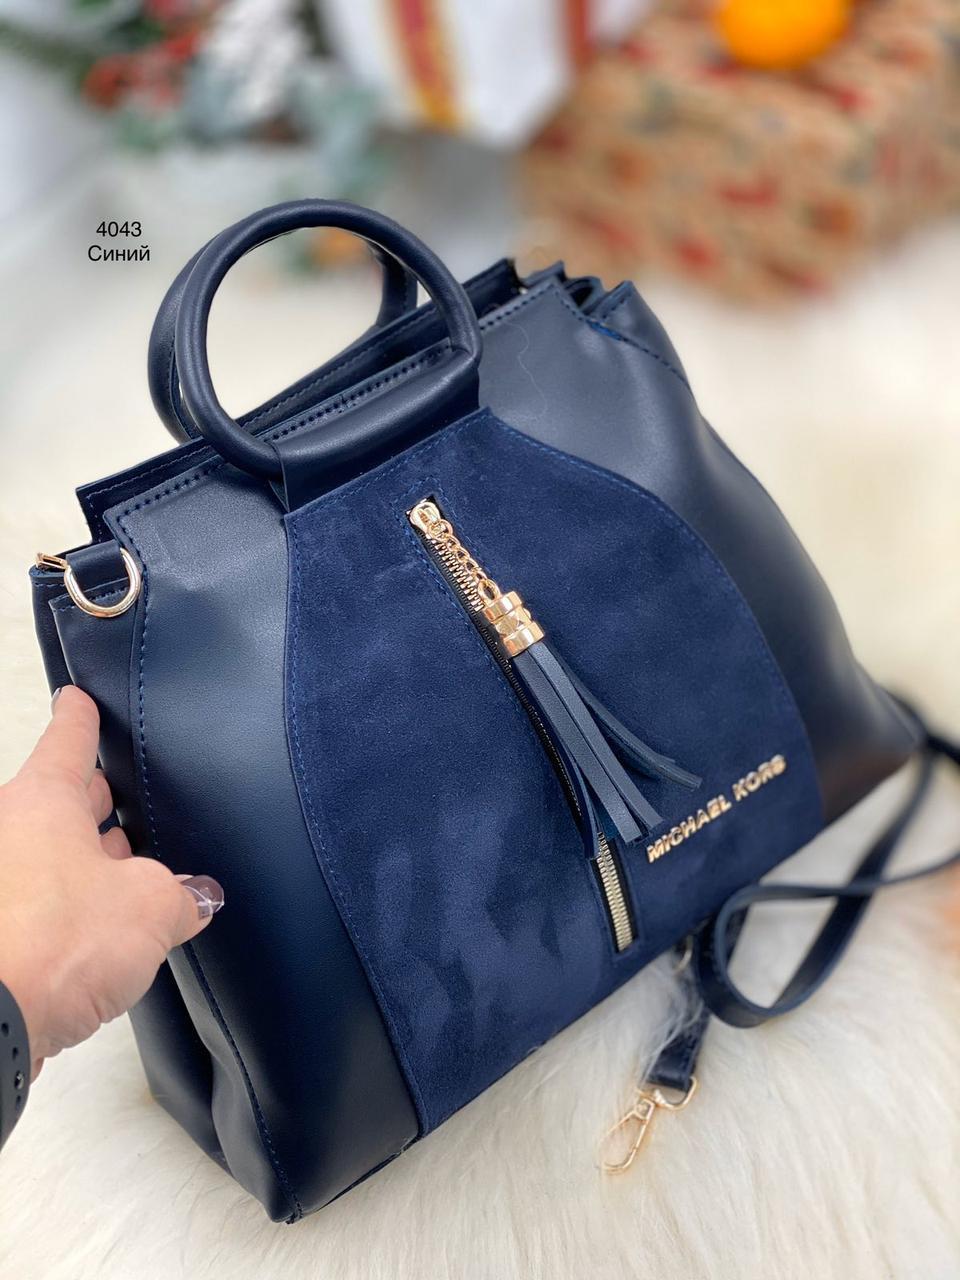 Синяя женская сумка трапеция классическая деловая модная молодежная сумочка замша+экокожа